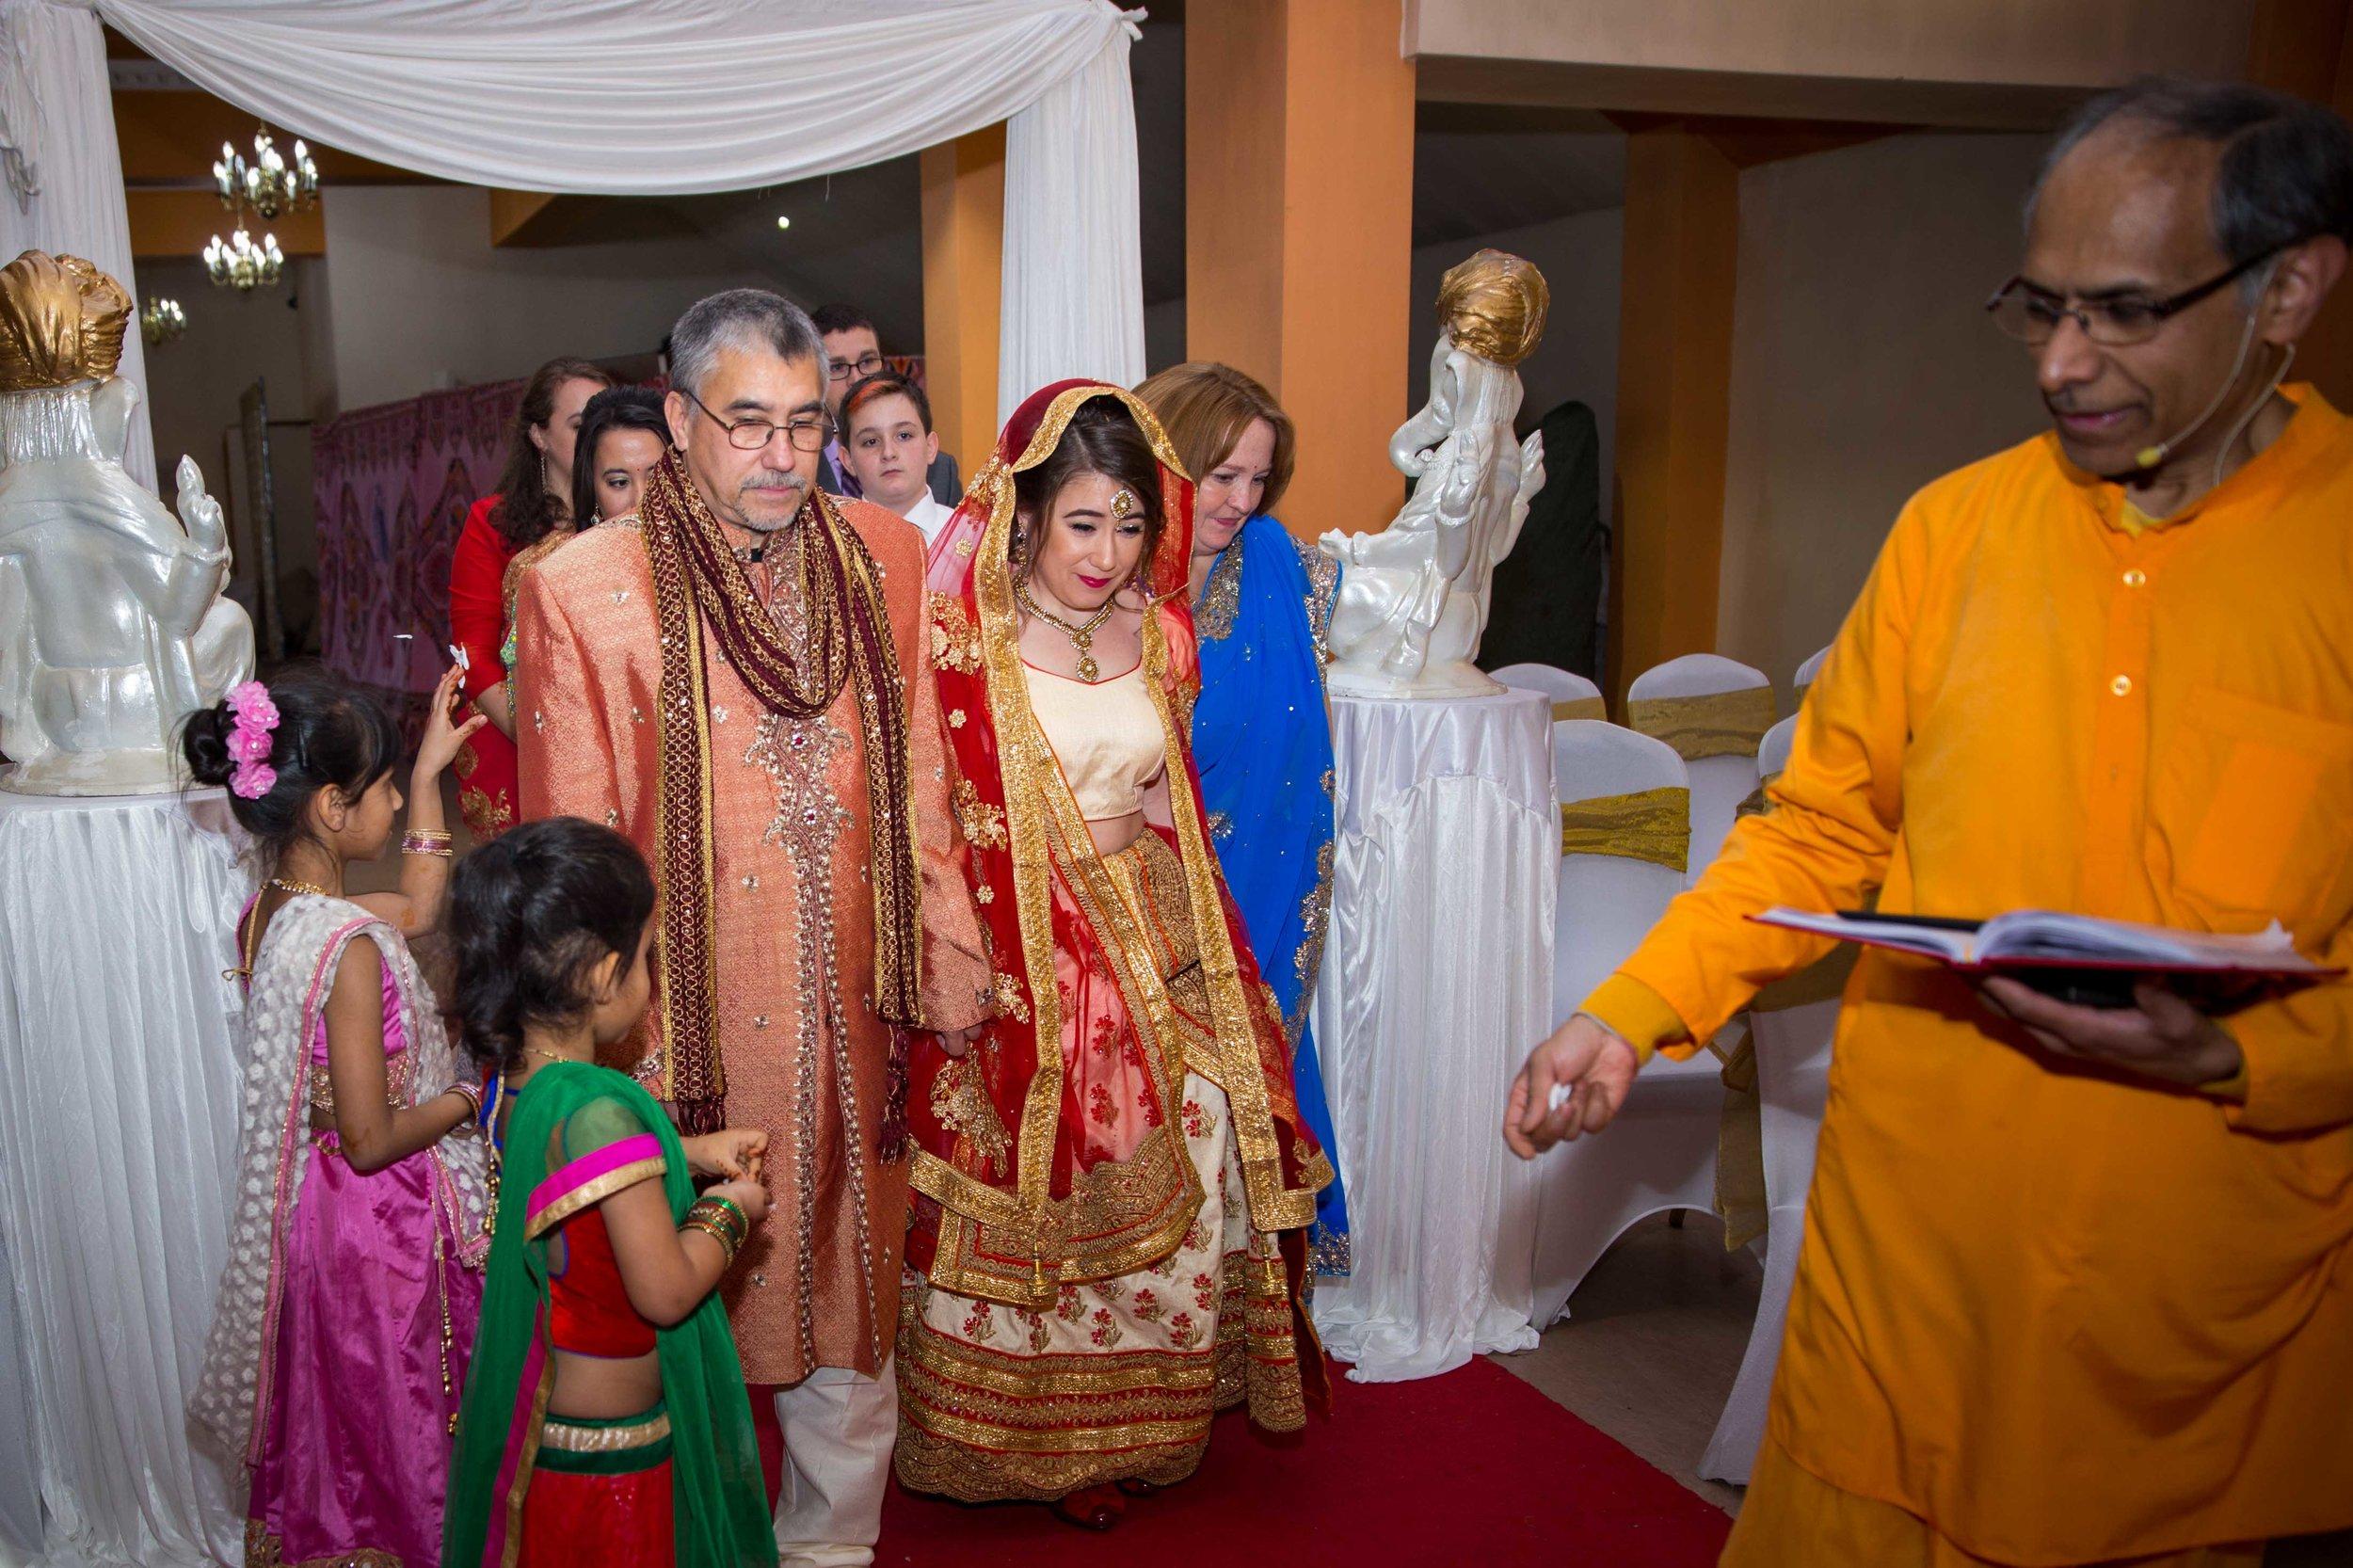 asian-Hindu-wedding-photographer-birmingham-abbey-park-leicester-natalia-smith-photography-30.jpg